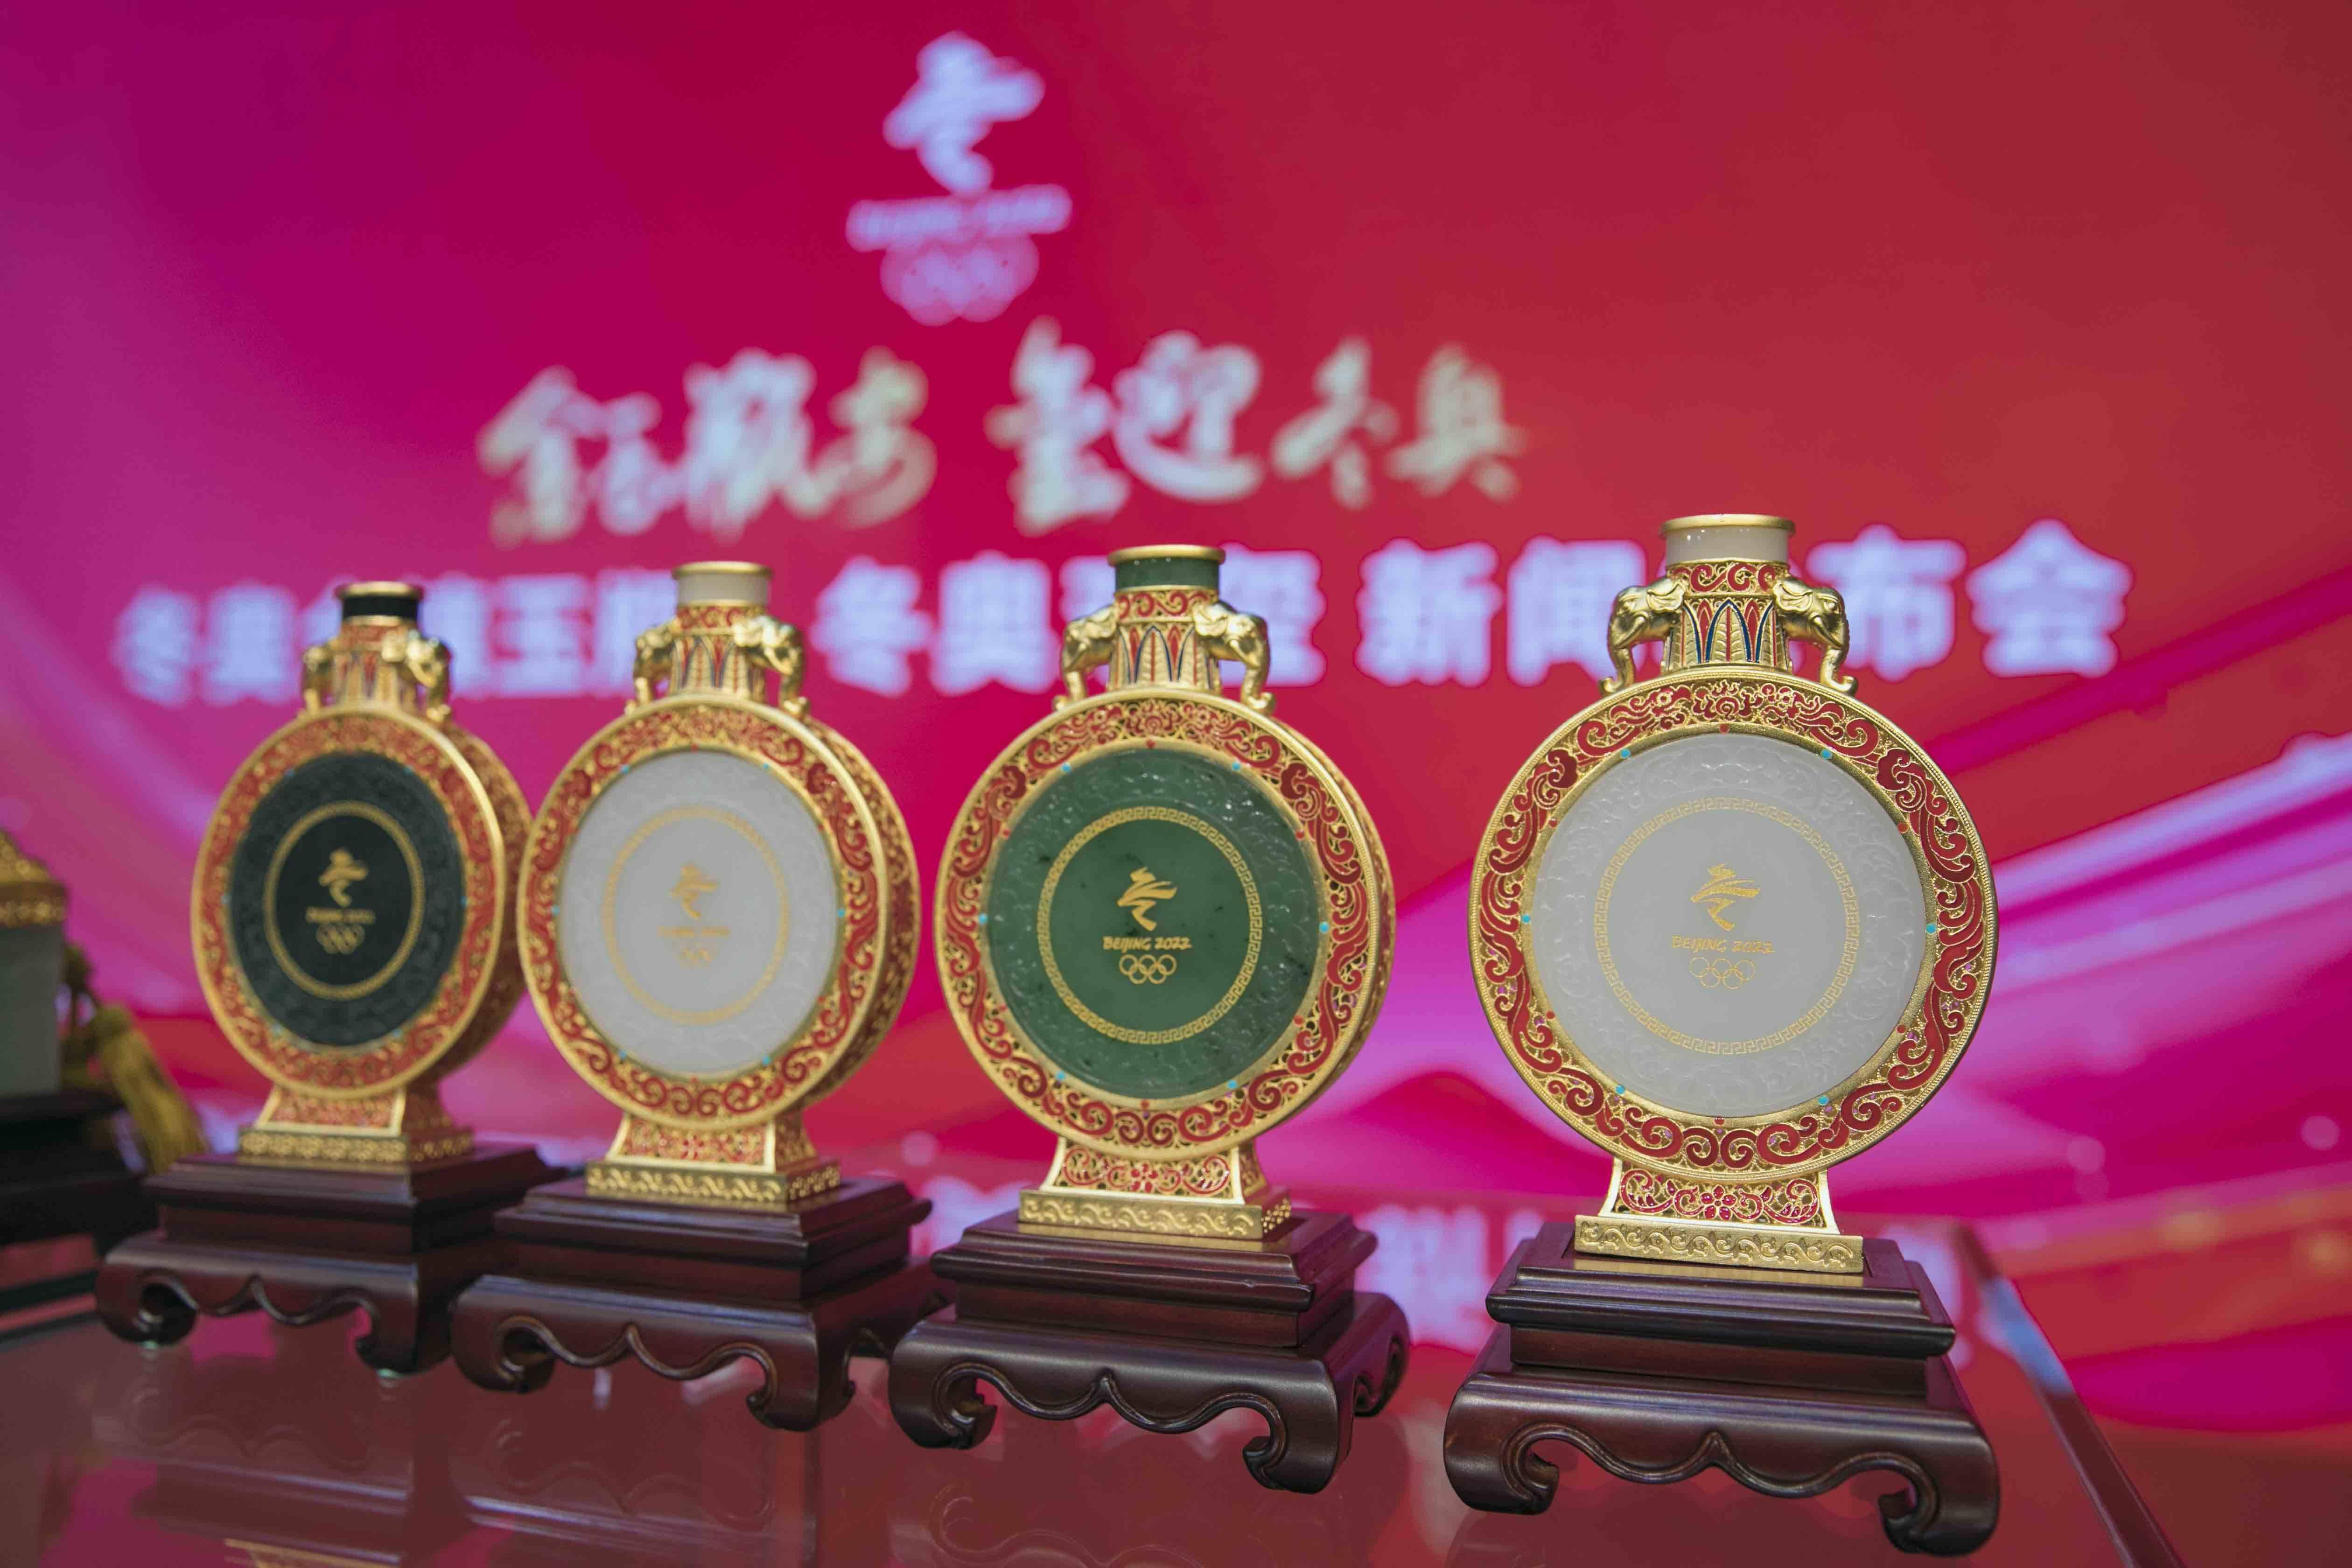 北京冬奧會特許商品《冬奧金鑲玉瓶》與《冬奧雙璽》發布